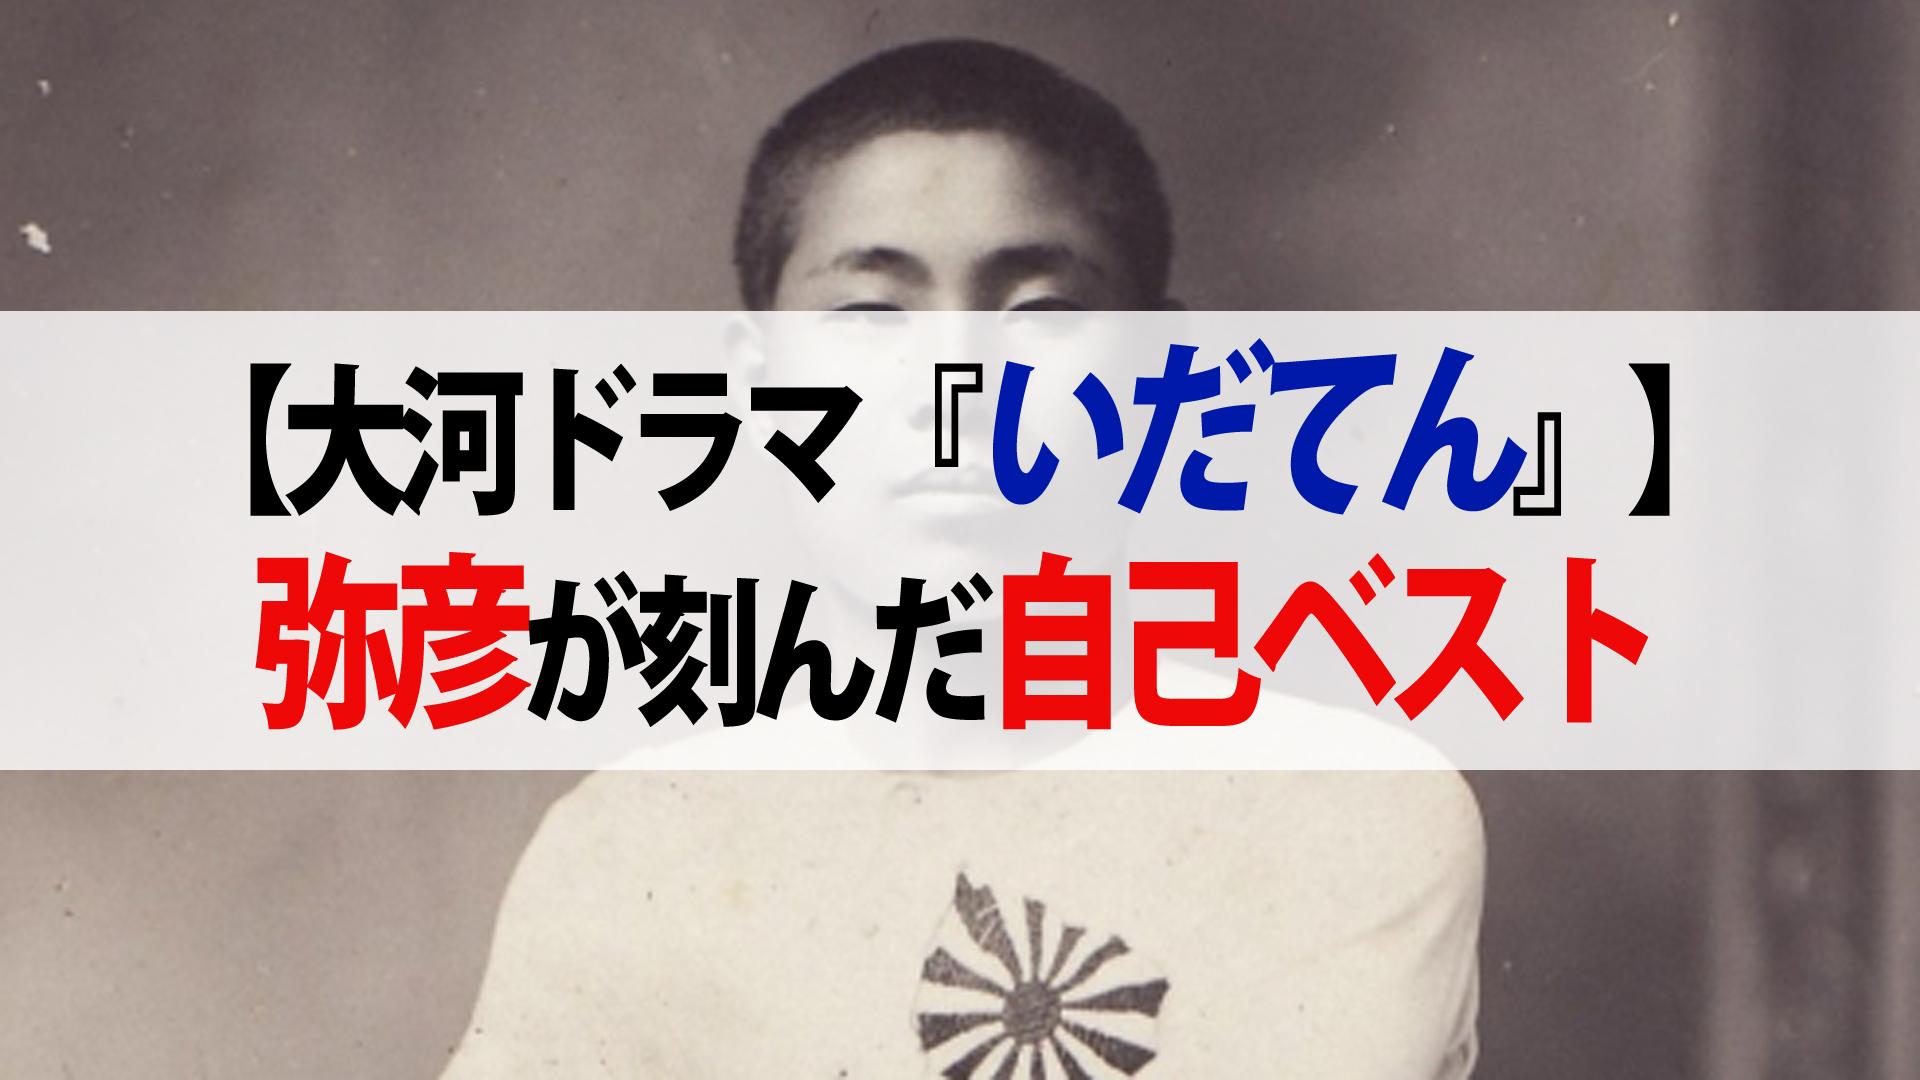 大河ドラマ『いだてん』第11回『百年の孤独』